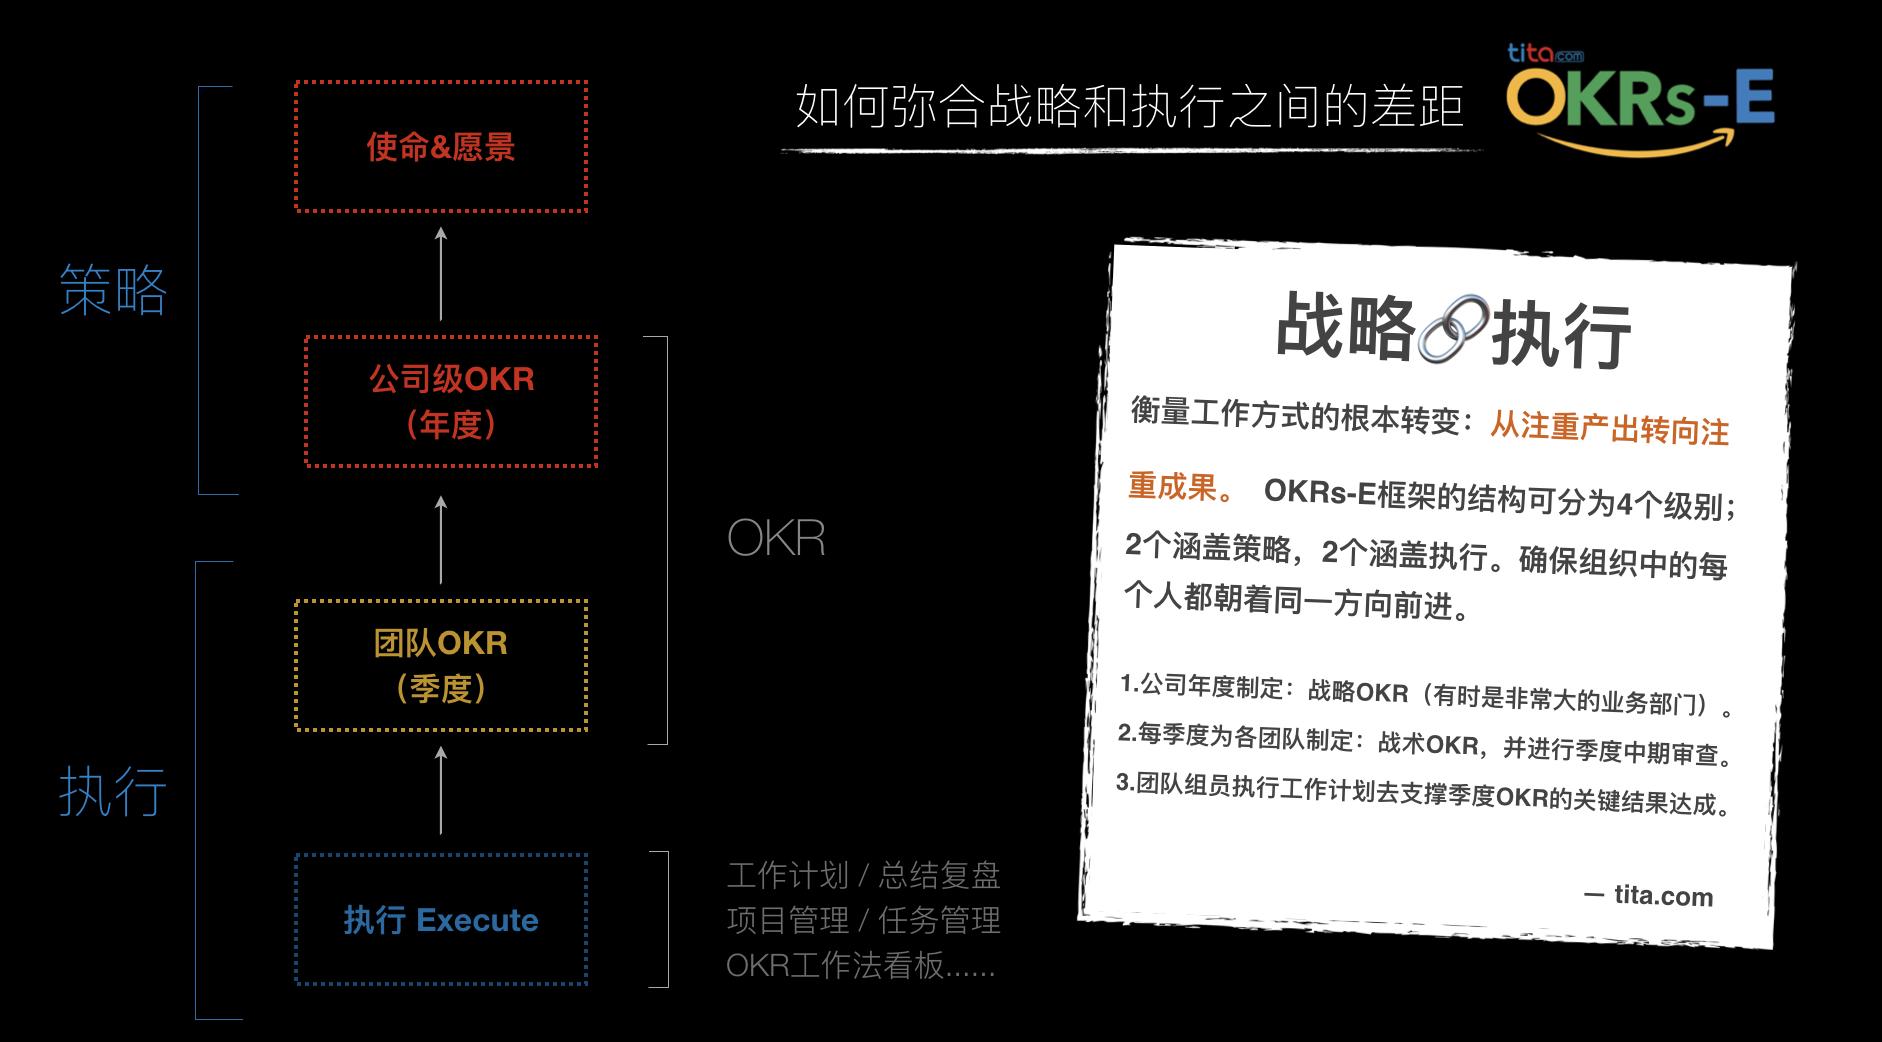 第一次使用OKR的组织,应该用什么节奏实施?